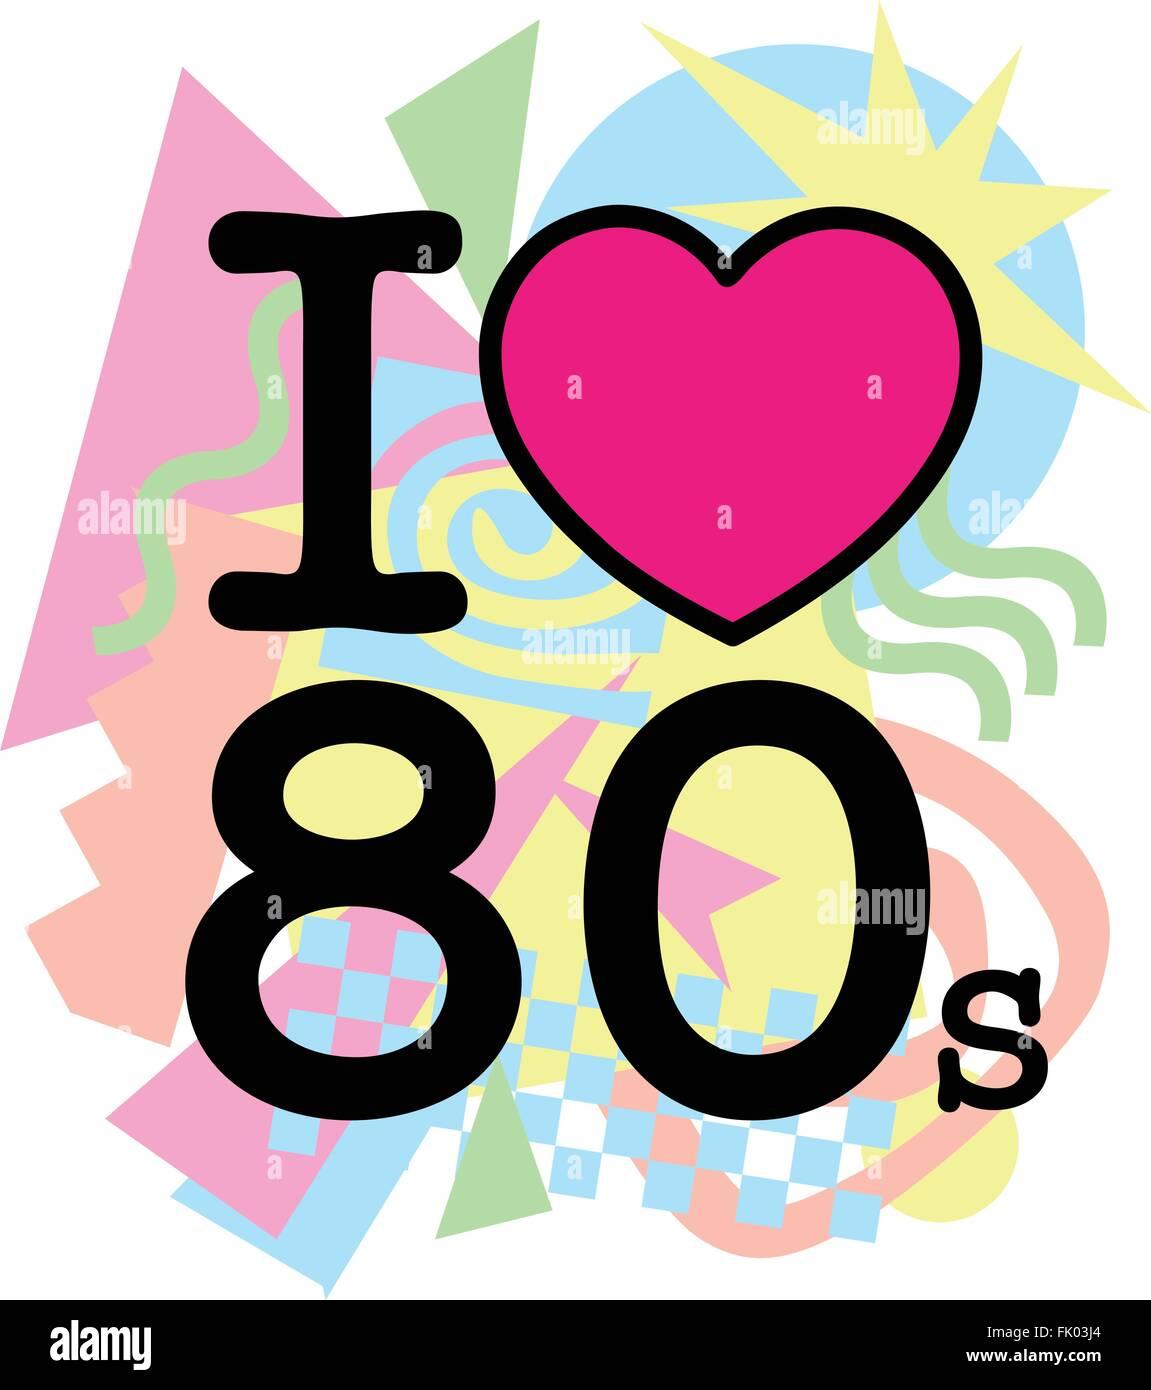 Ich liebe alte 80er Jahre Stil Stockbild